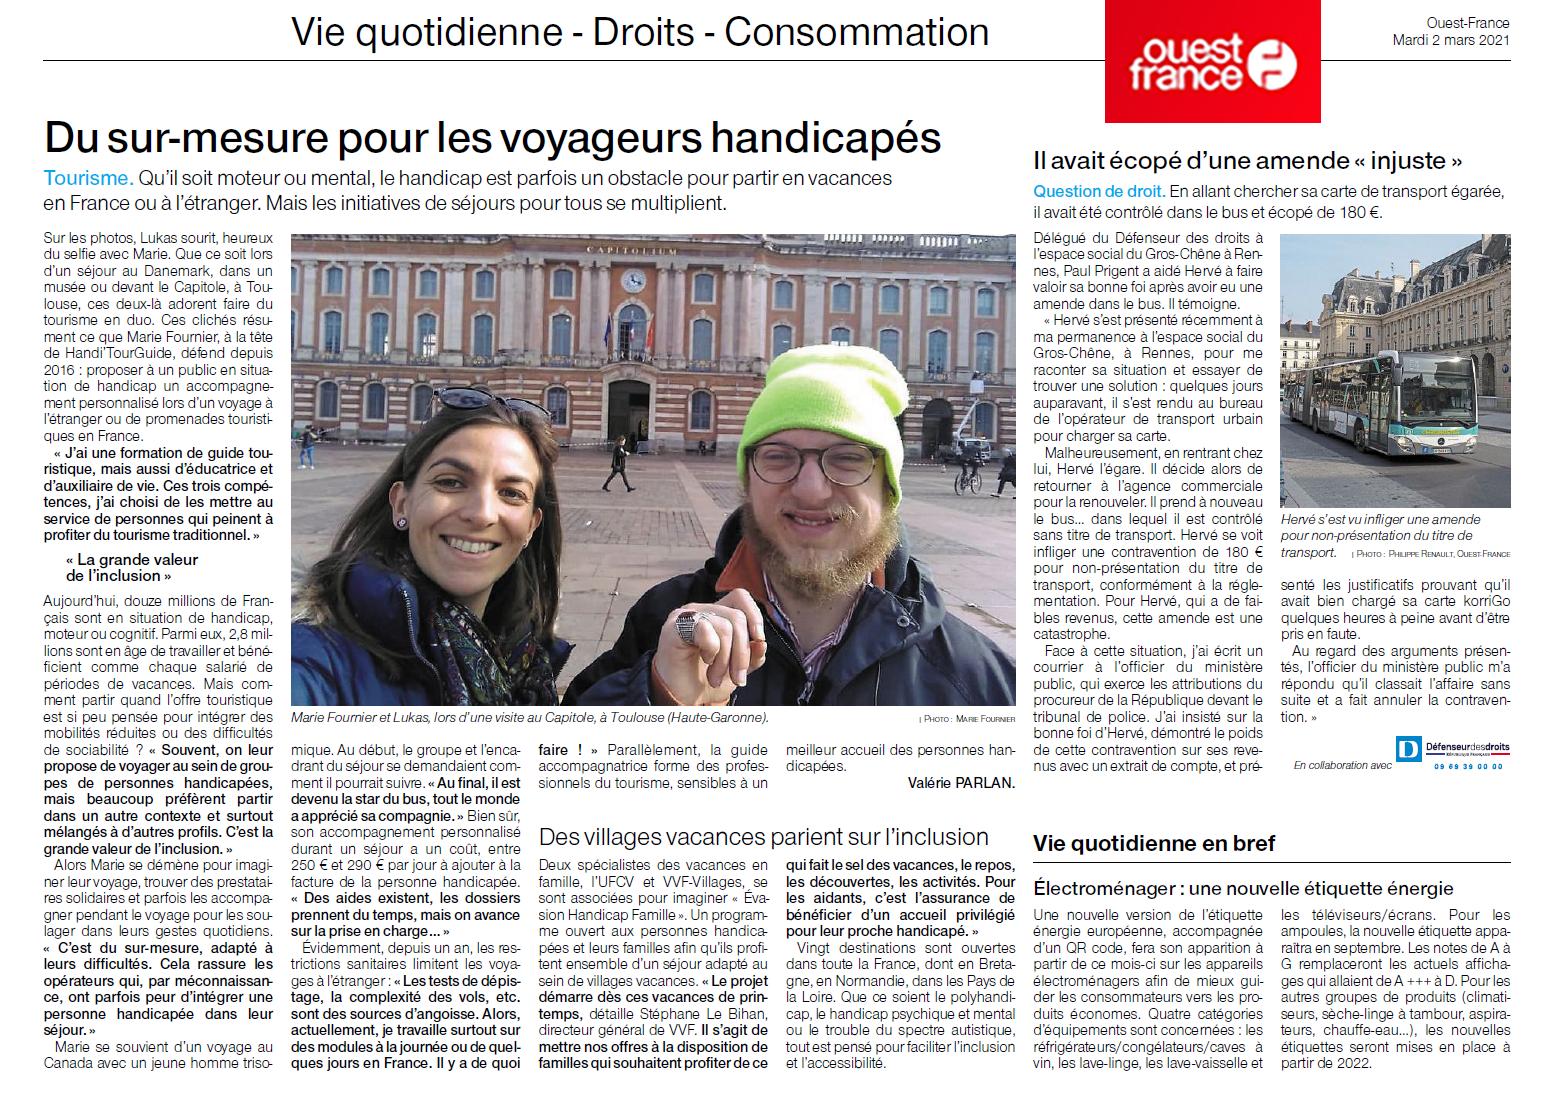 Handi'TourGuide article de presse Ouest France. Voyage - Handicap